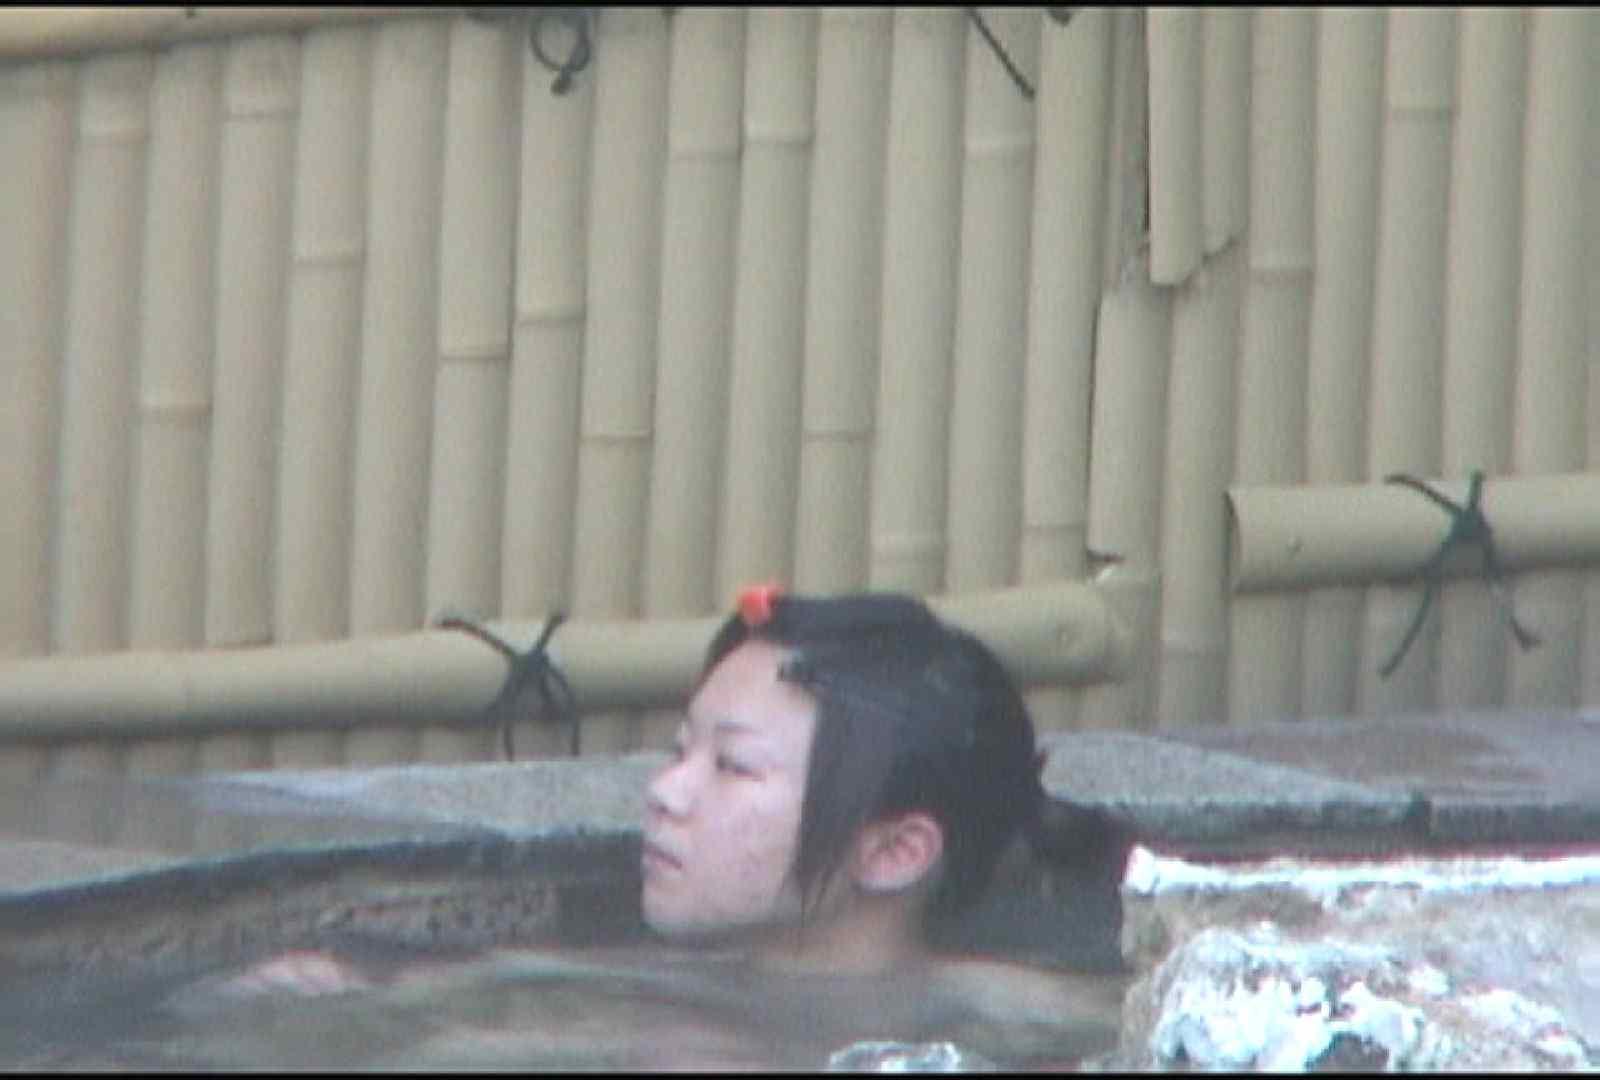 Aquaな露天風呂Vol.175 盗撮シリーズ  91PIX 88